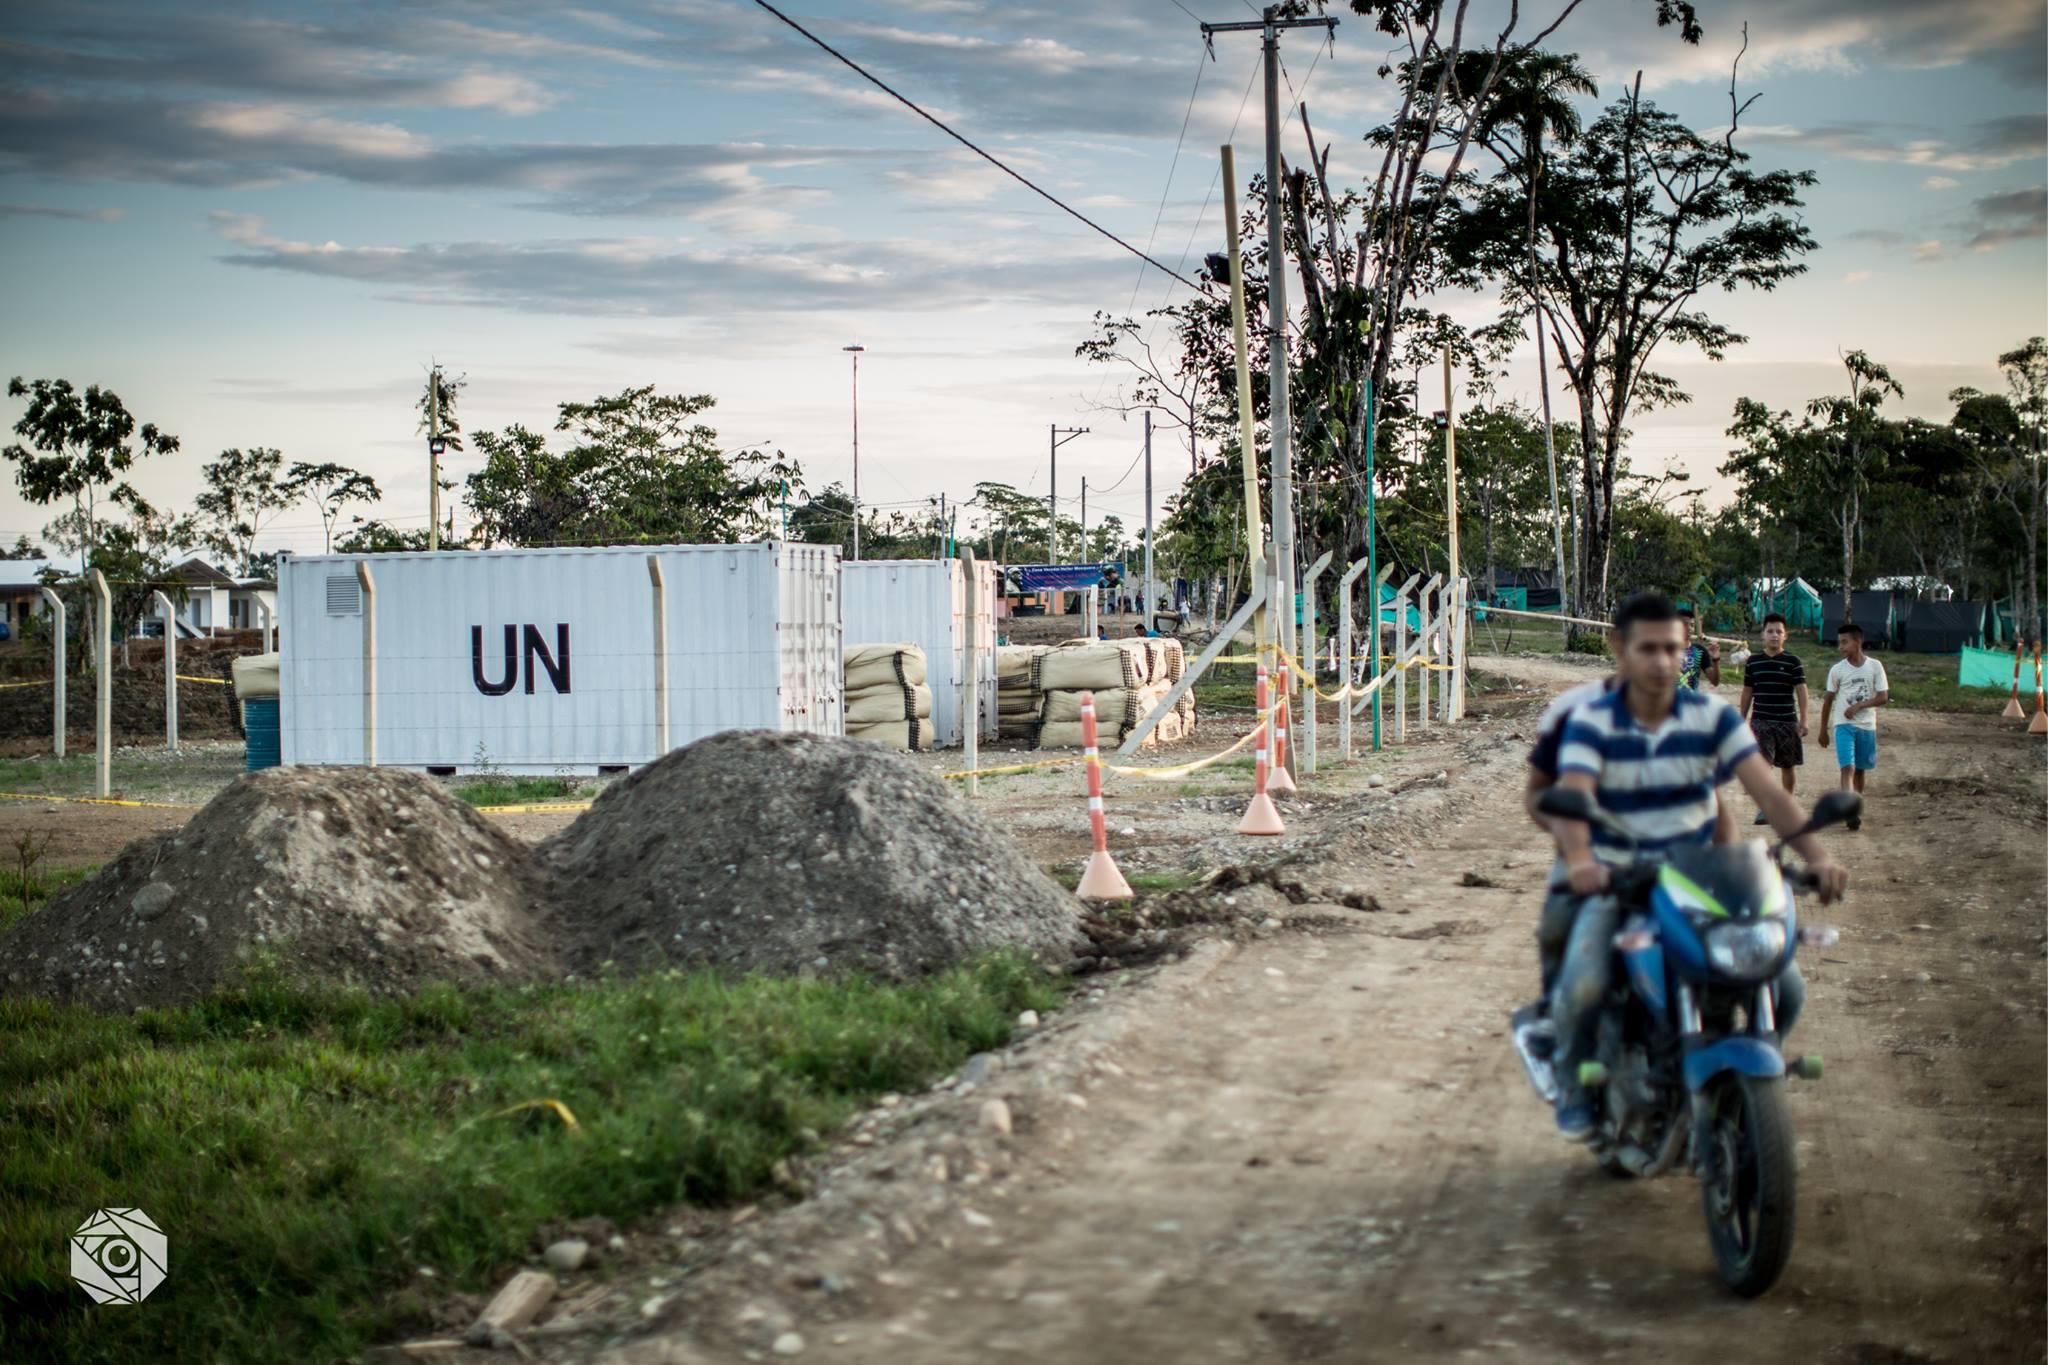 Contenedores de Naciones Unidas